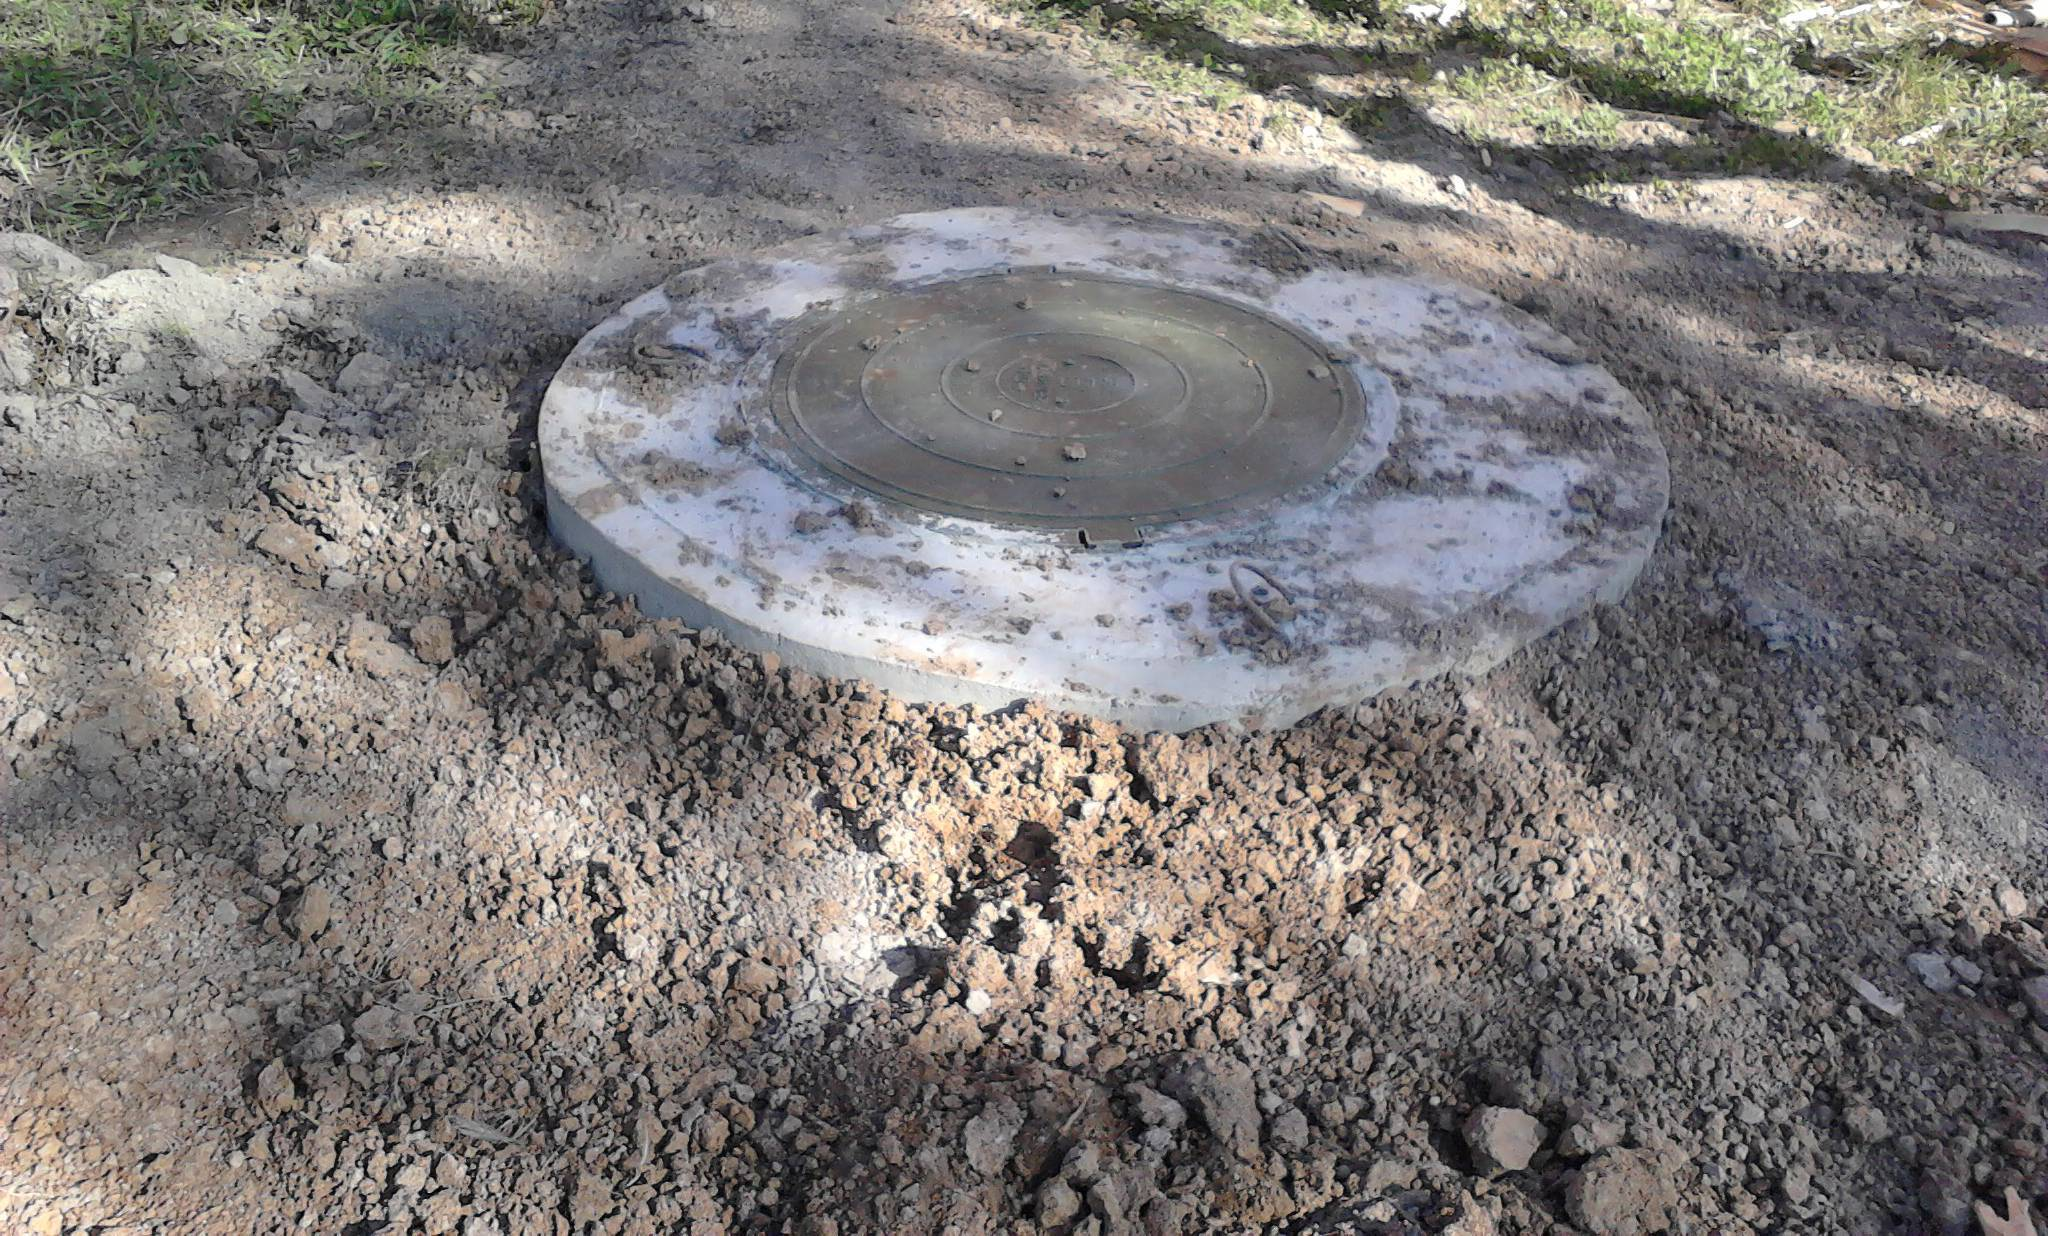 Собираетесь делать сливную яму своими руками? подробная инструкция с фото и видео примерами правильного сооружения ямы.